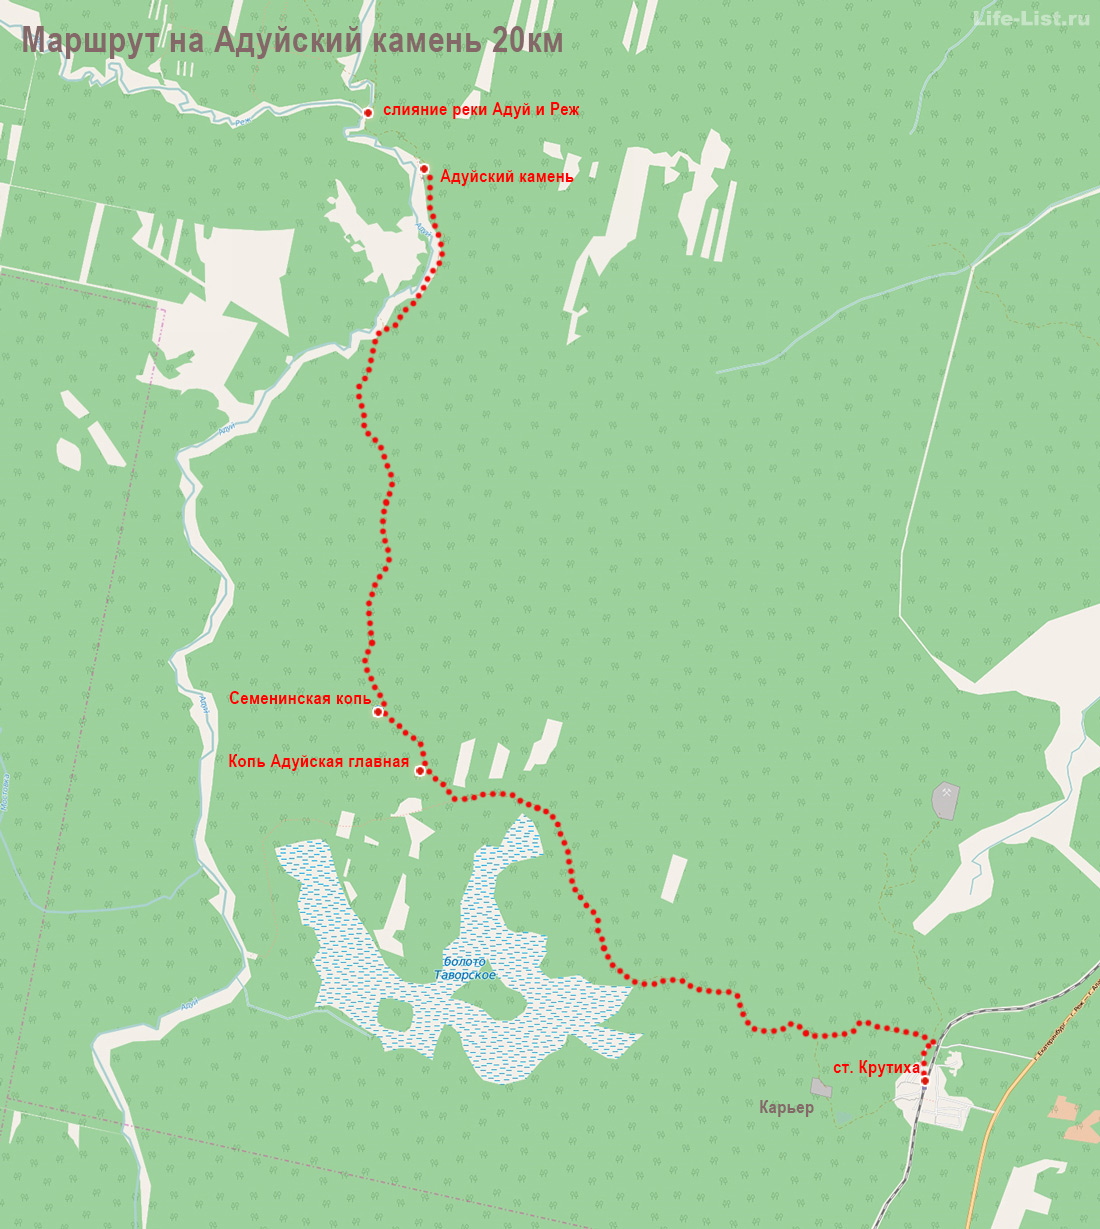 схема маршрут на Адуйский камень от станции Крутиха